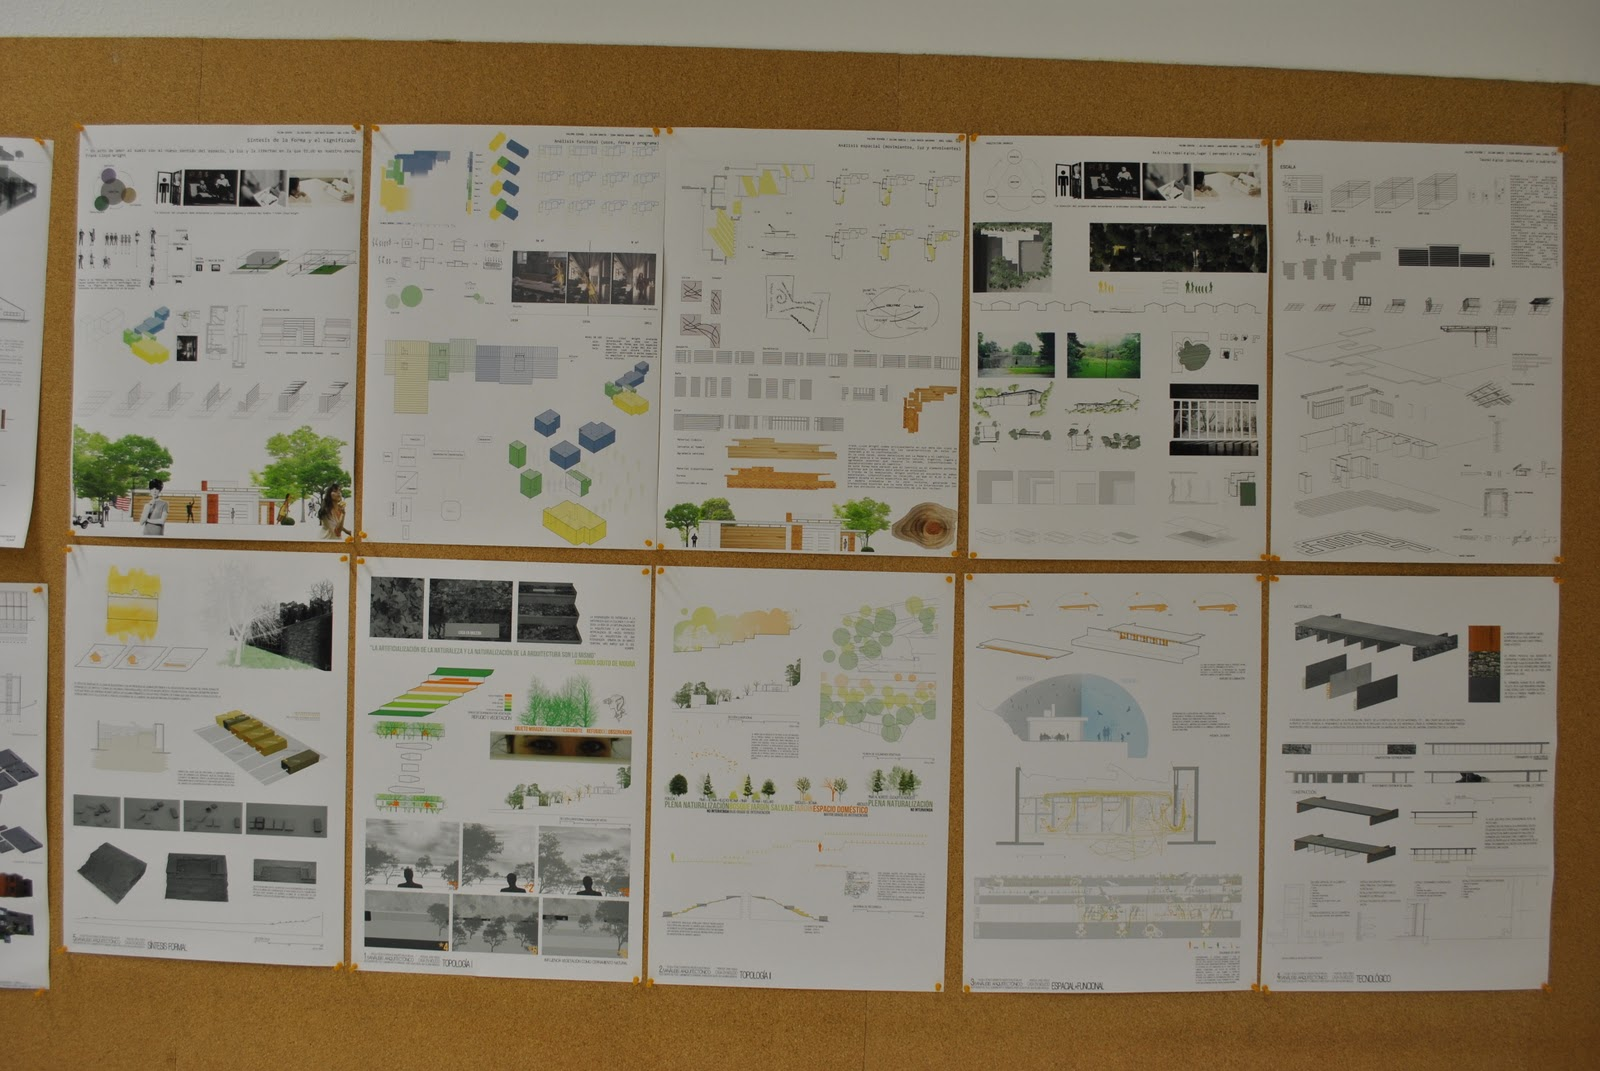 Sk studio ets arquitectura m laga analisis arquitect nico viviendas expresion gr fica - Ets arquitectura malaga ...